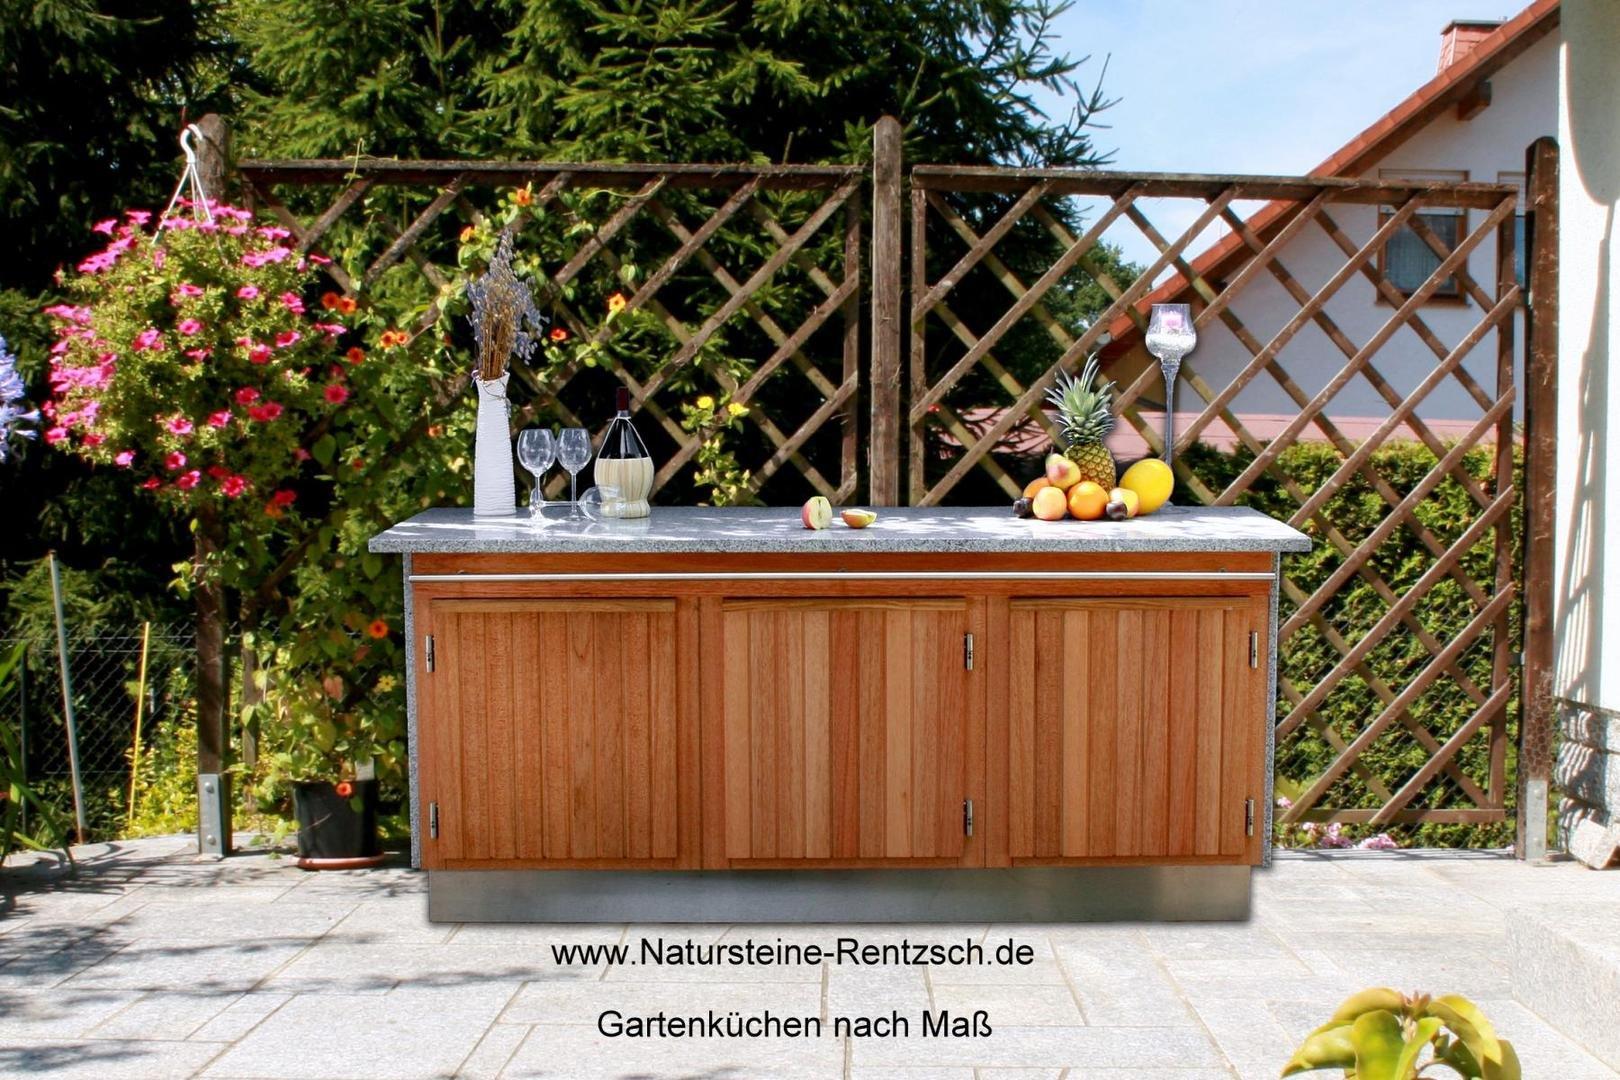 bild gartenk chen terrassenk chen in naturstein nach ma. Black Bedroom Furniture Sets. Home Design Ideas